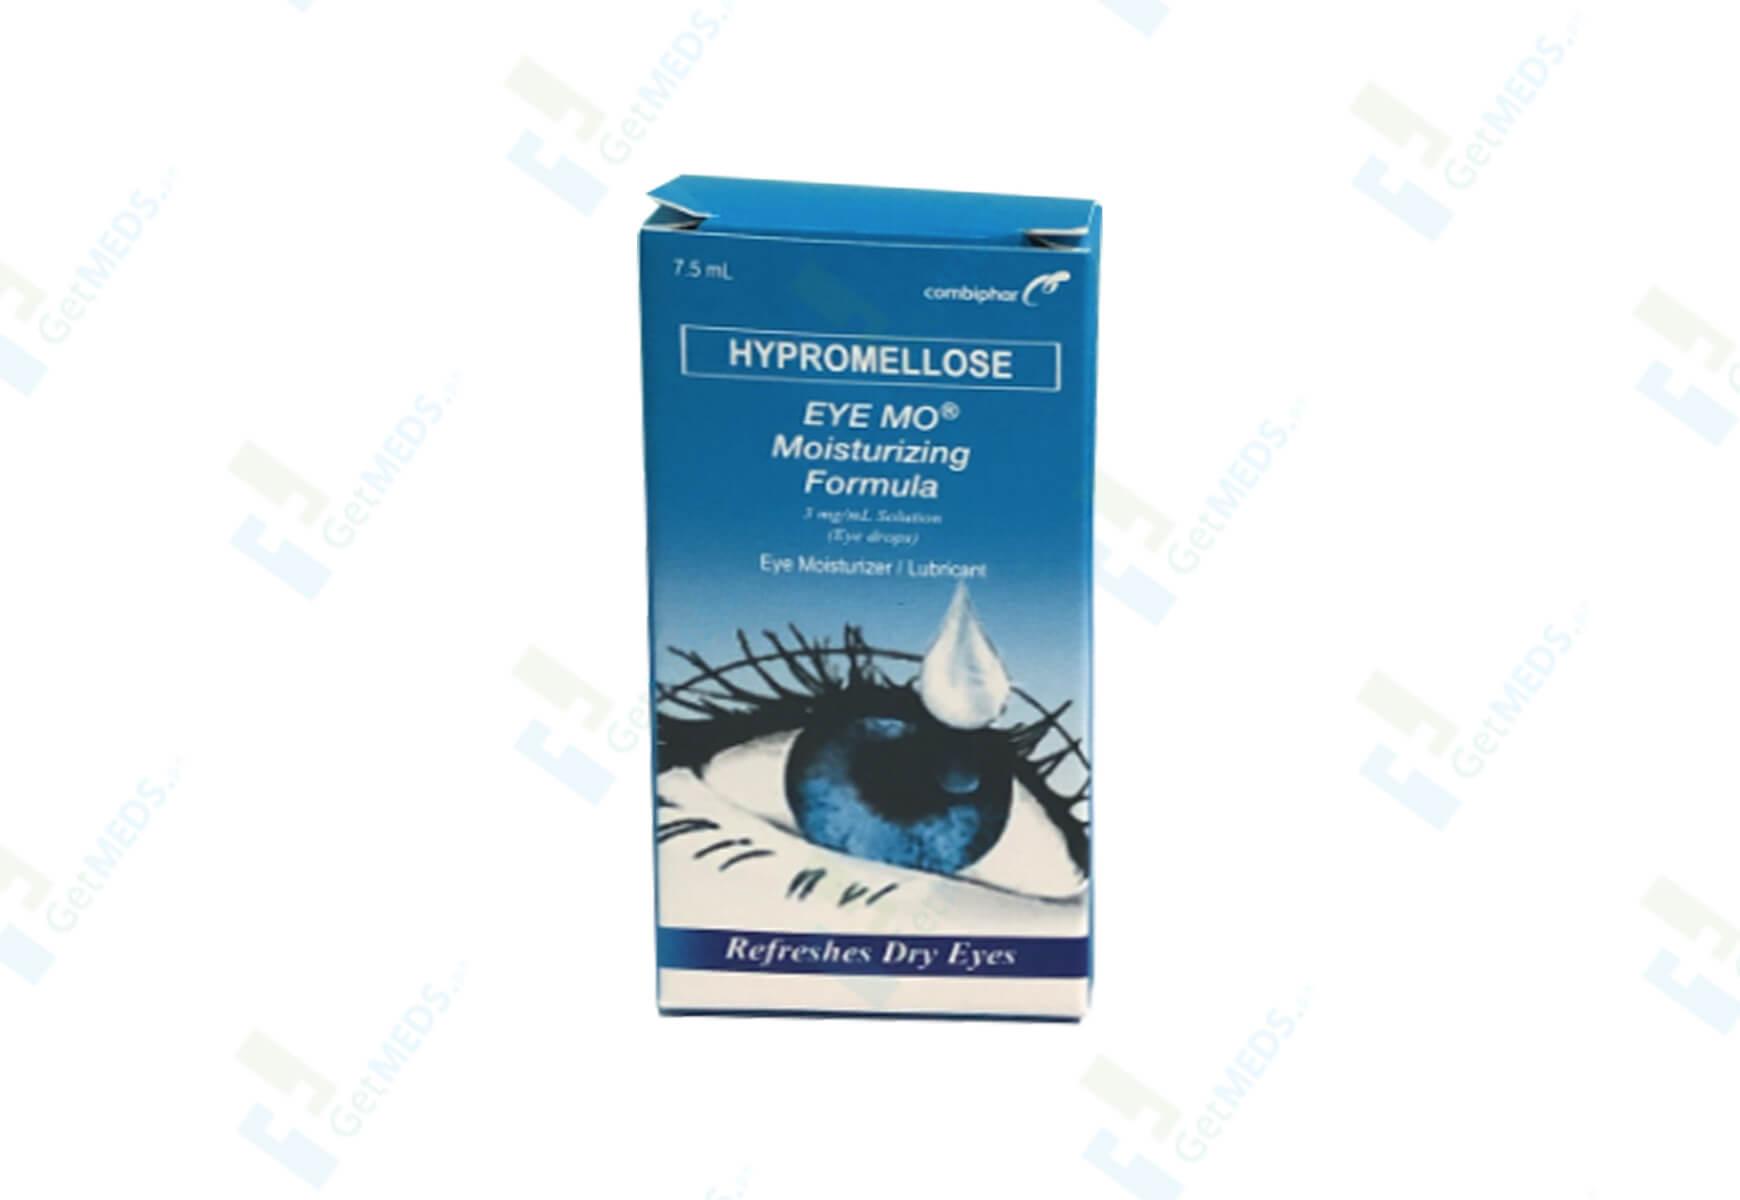 Eye Mo Moisturizing Formula